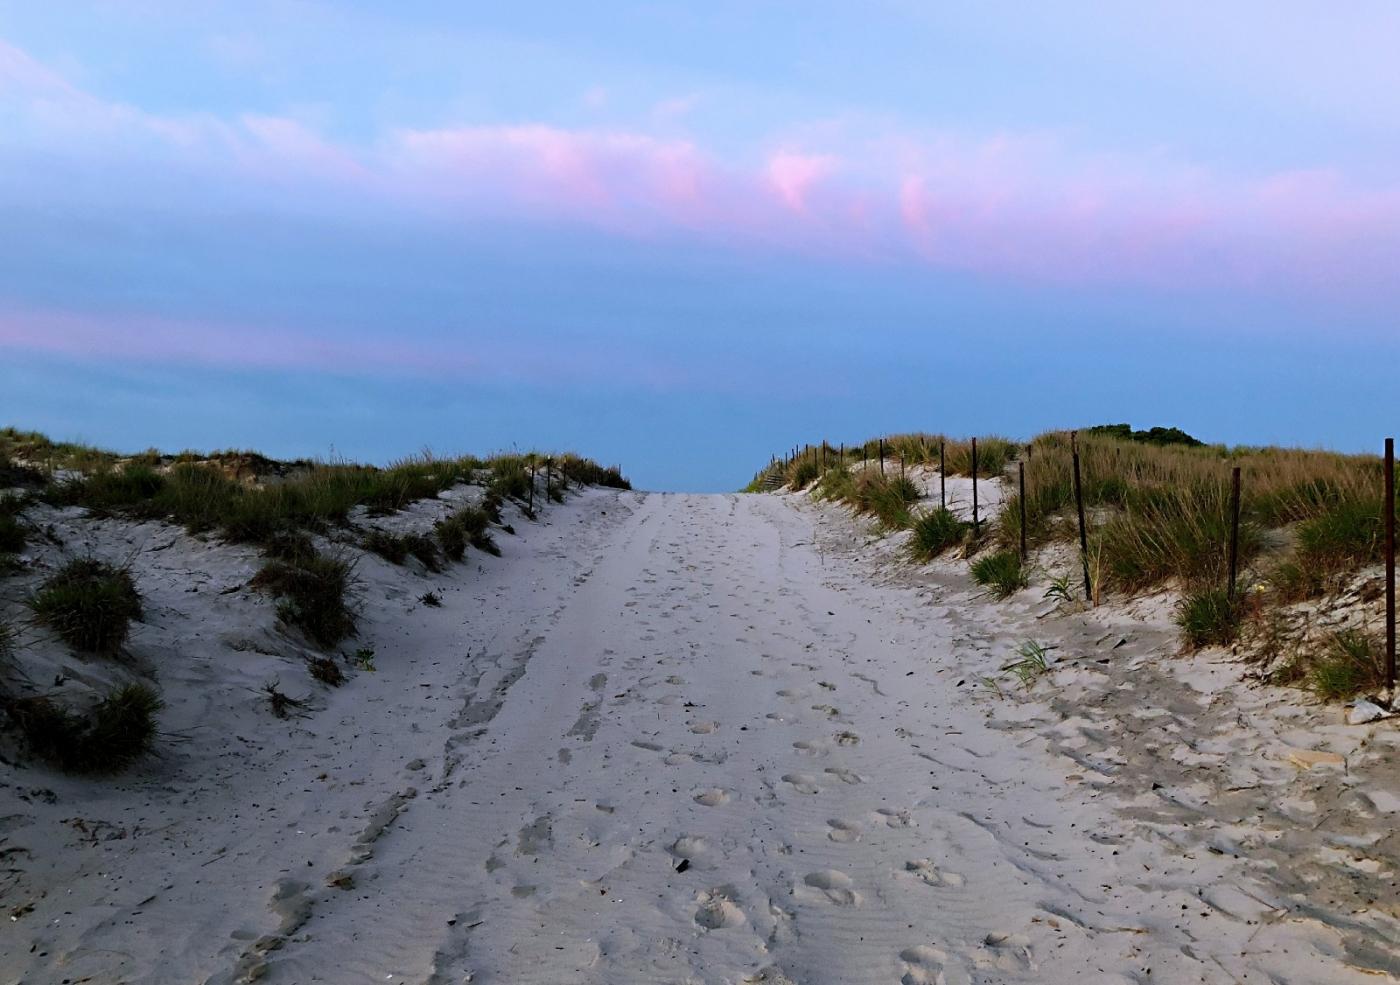 【田螺摄影】写长沙滩的日出日落_图1-16